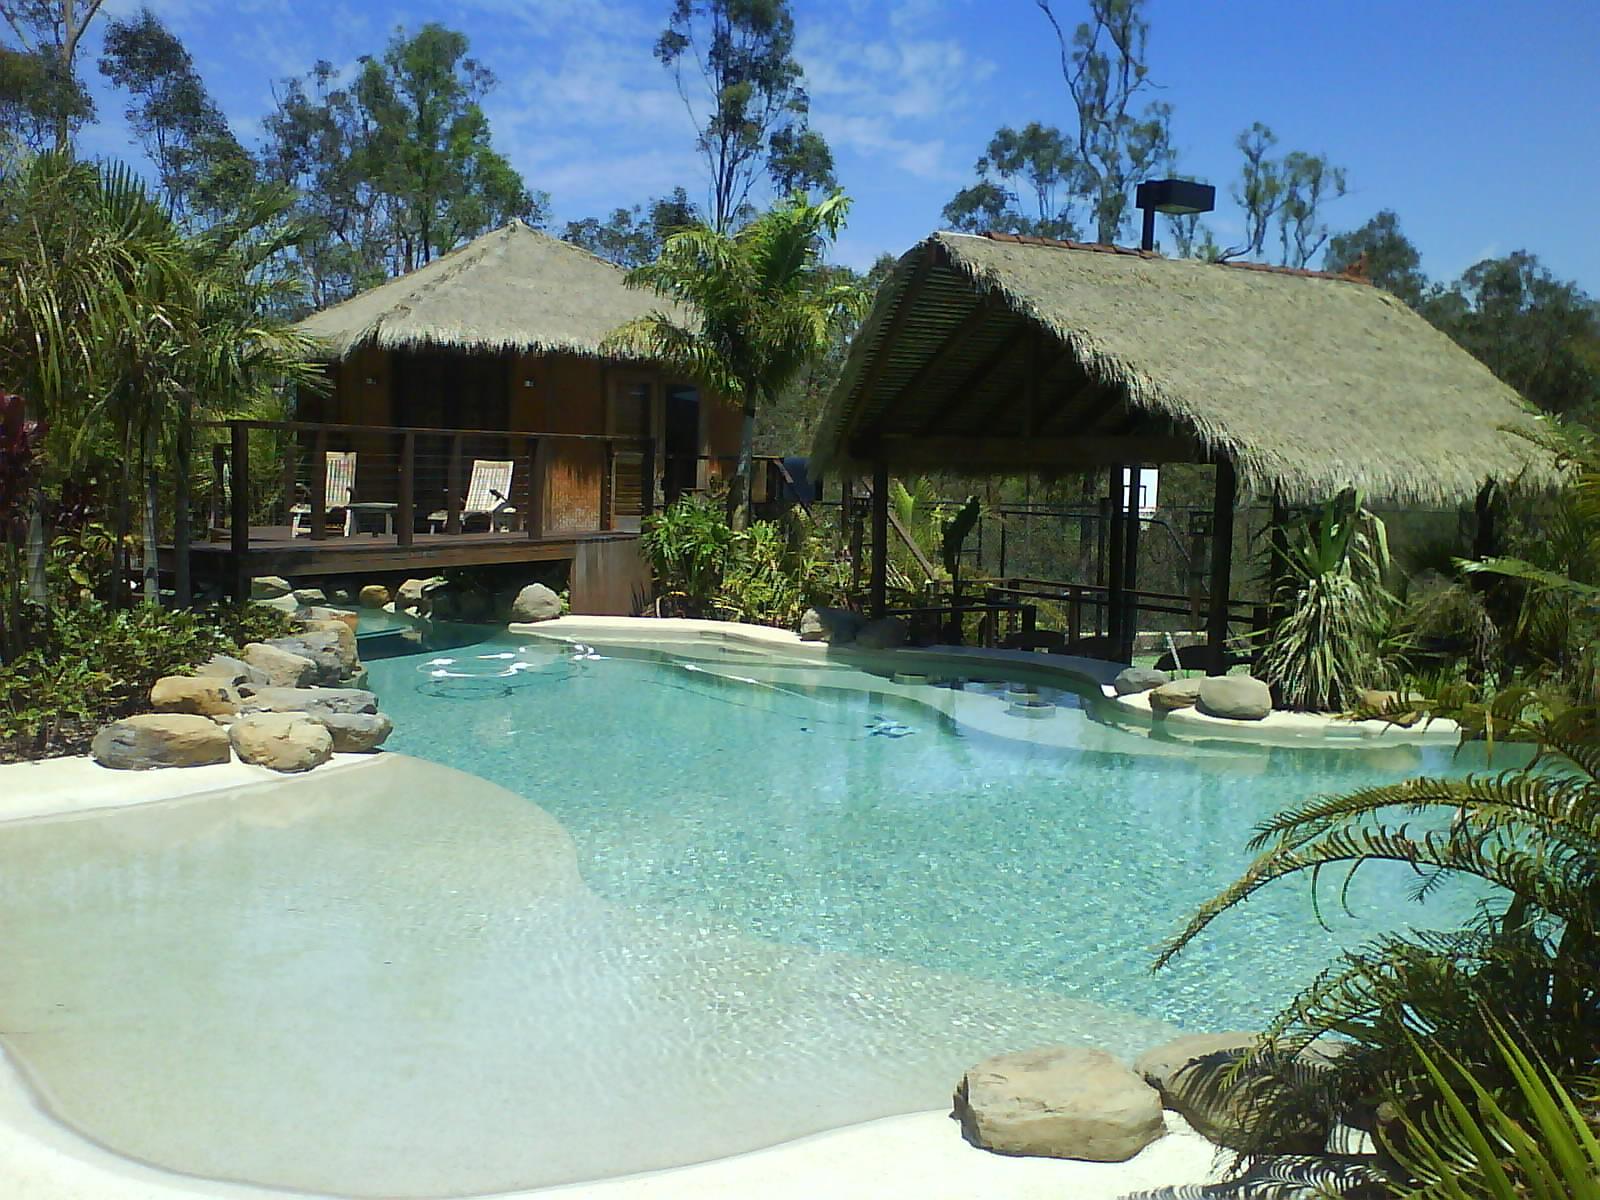 Bali Huts by Brisbane Thatch